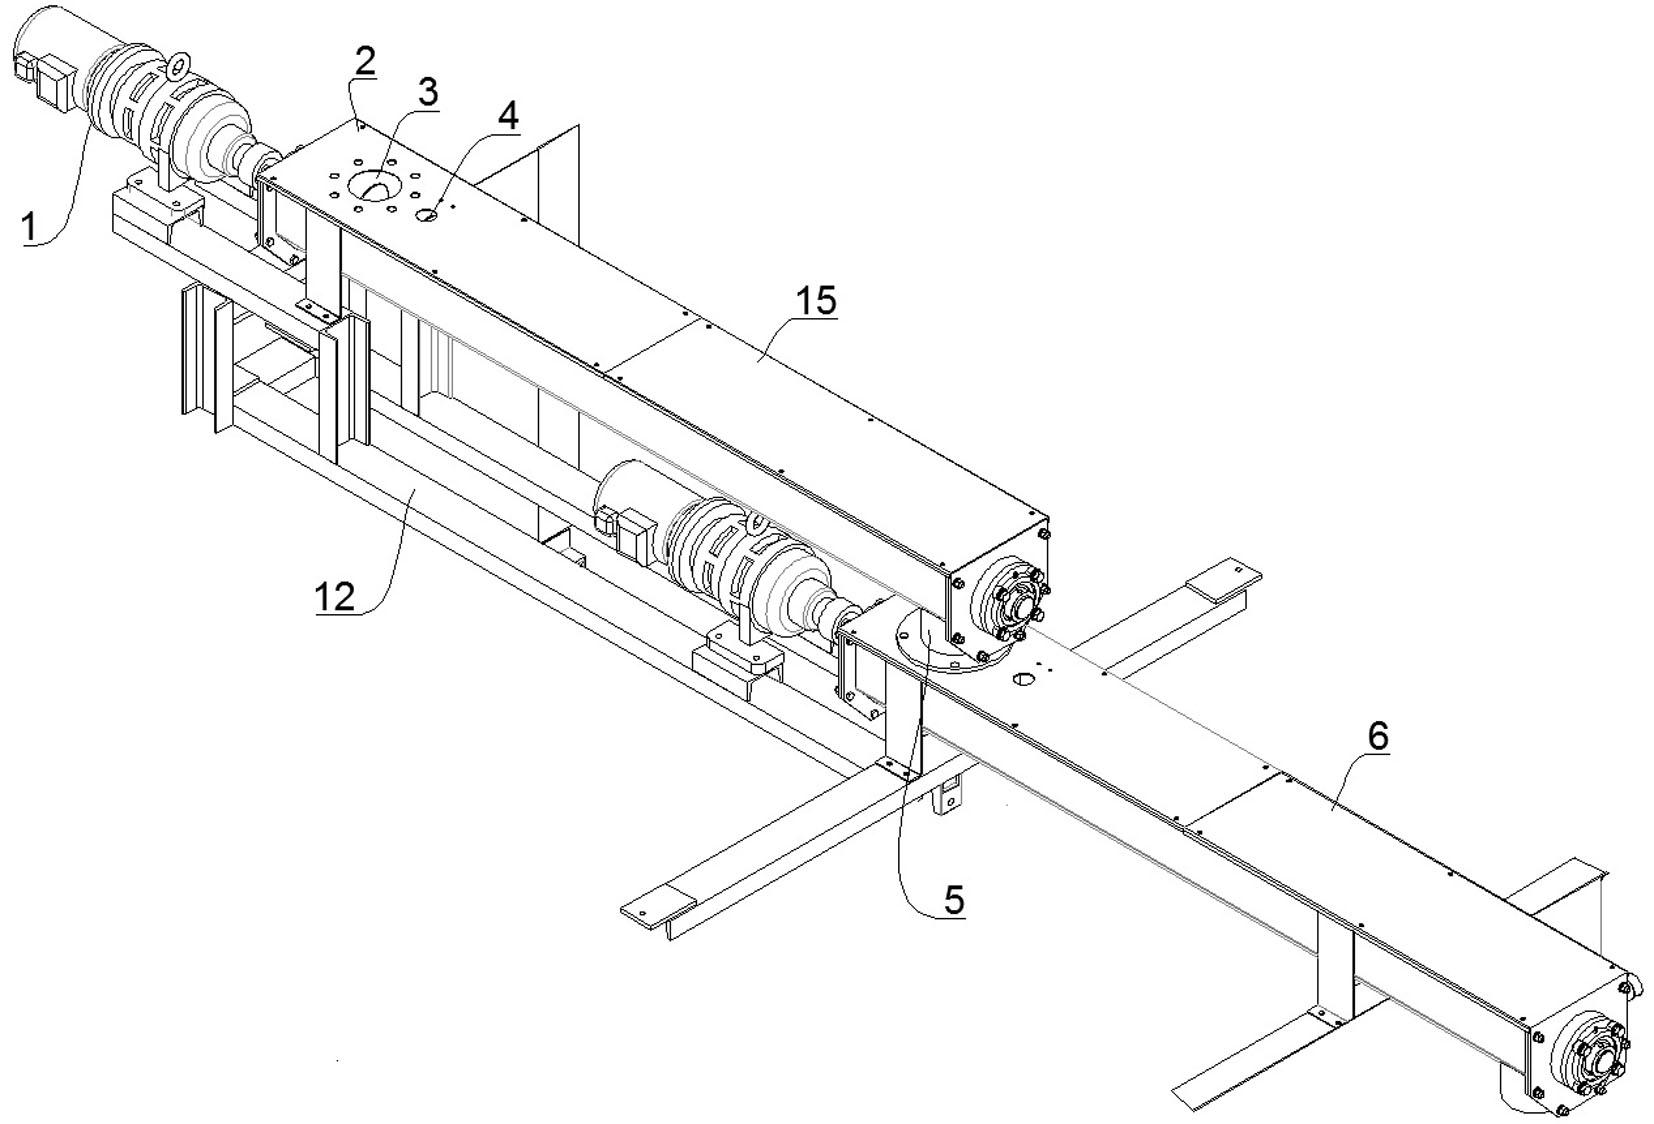 一种污泥处理用带式压滤机螺旋进料装置